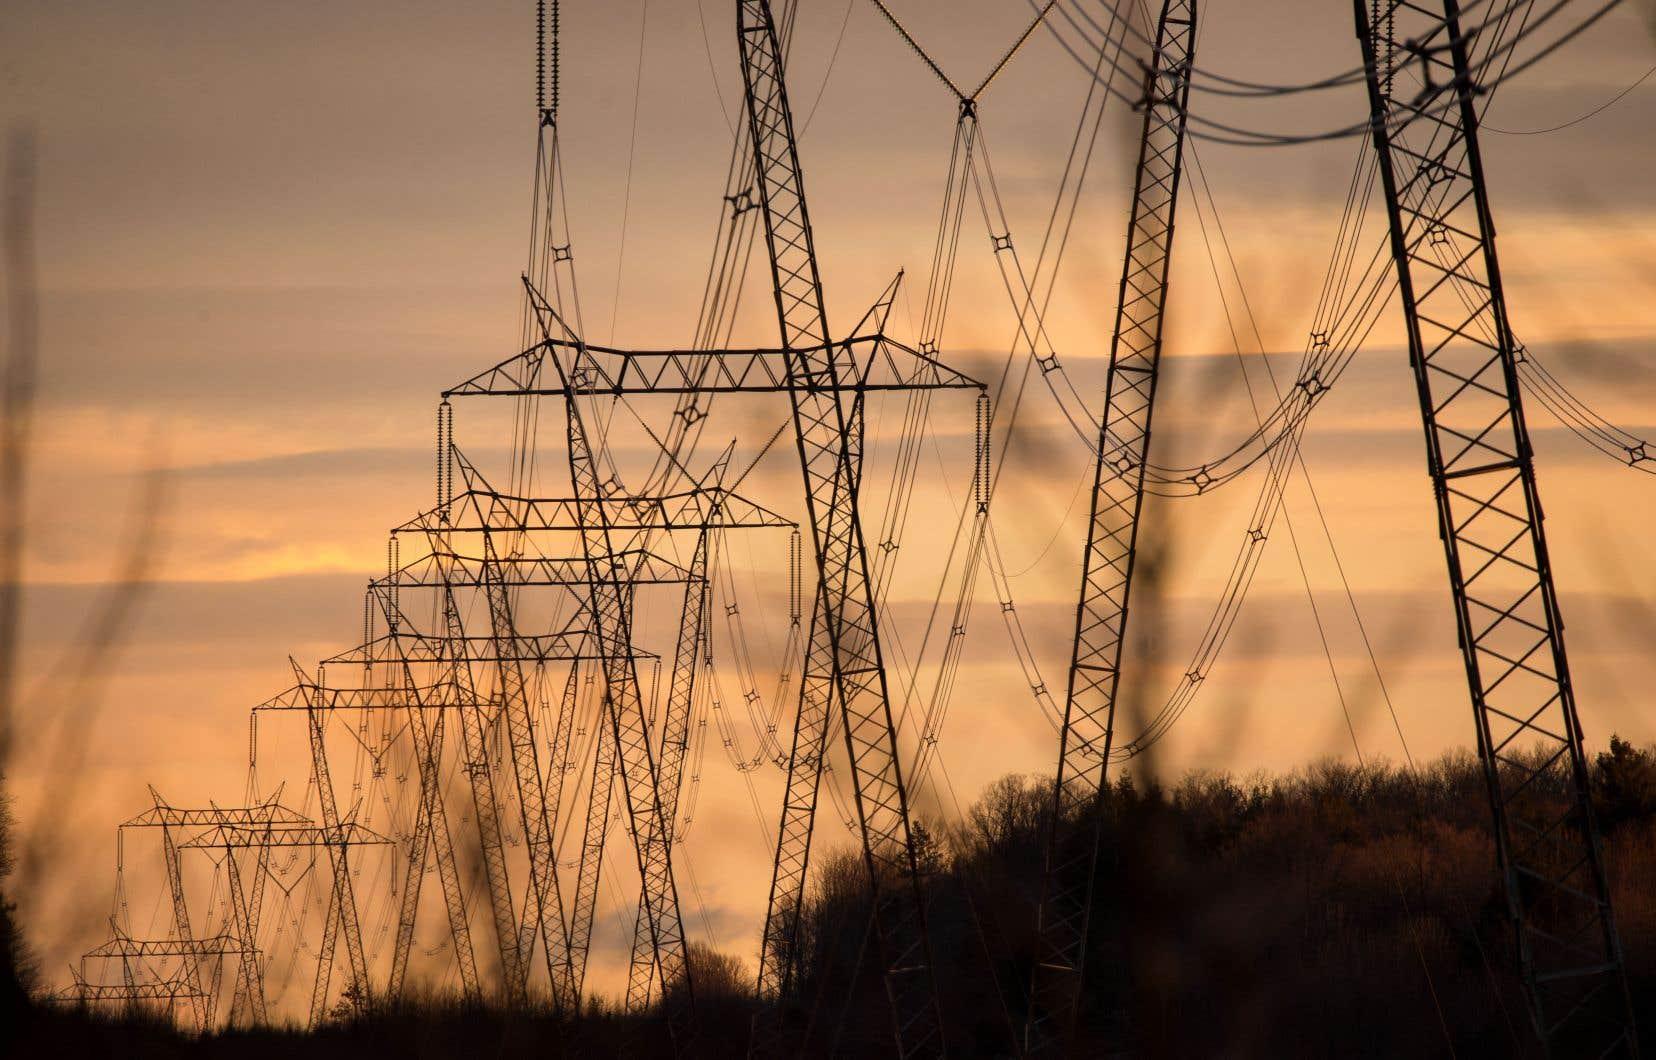 La mise en service du NECEC, prévue en 2022, permettra d'acheminer 9,45 térawattheures d'hydroélectricité par année pendant 20 ans au Massachusetts.